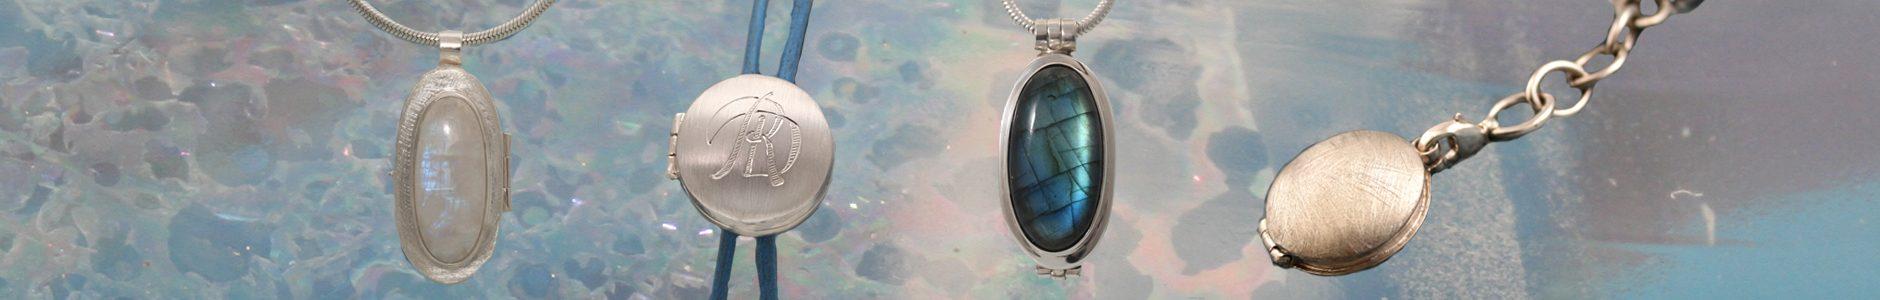 Een zilveren medaillon met maansteen, een zilveren medaillon met een monogram, een zilveren medaillon met een ovale Labradoriet en een ijsmatte zilveren medaillon.